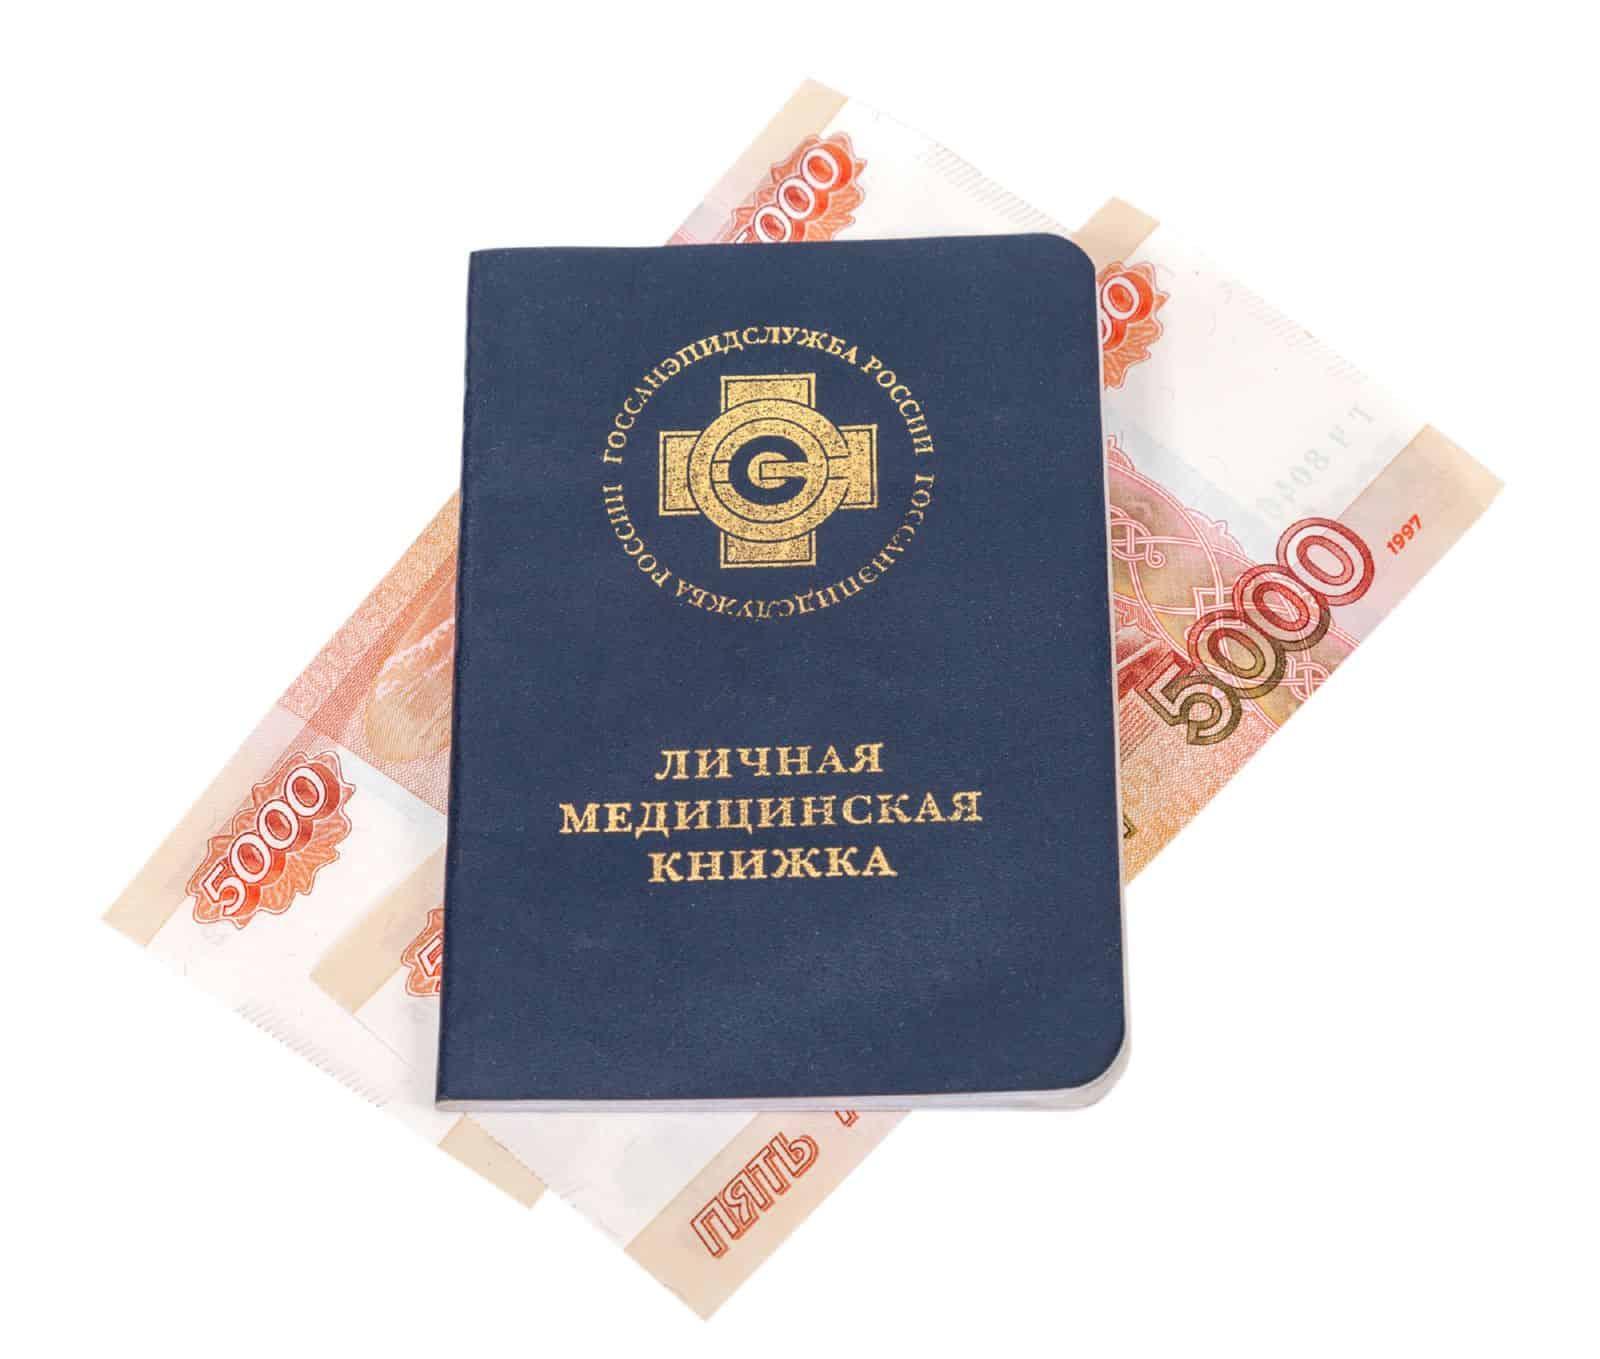 Медицинская книжка для приема на работу пункты приема цветного металла в восточном округе города москва